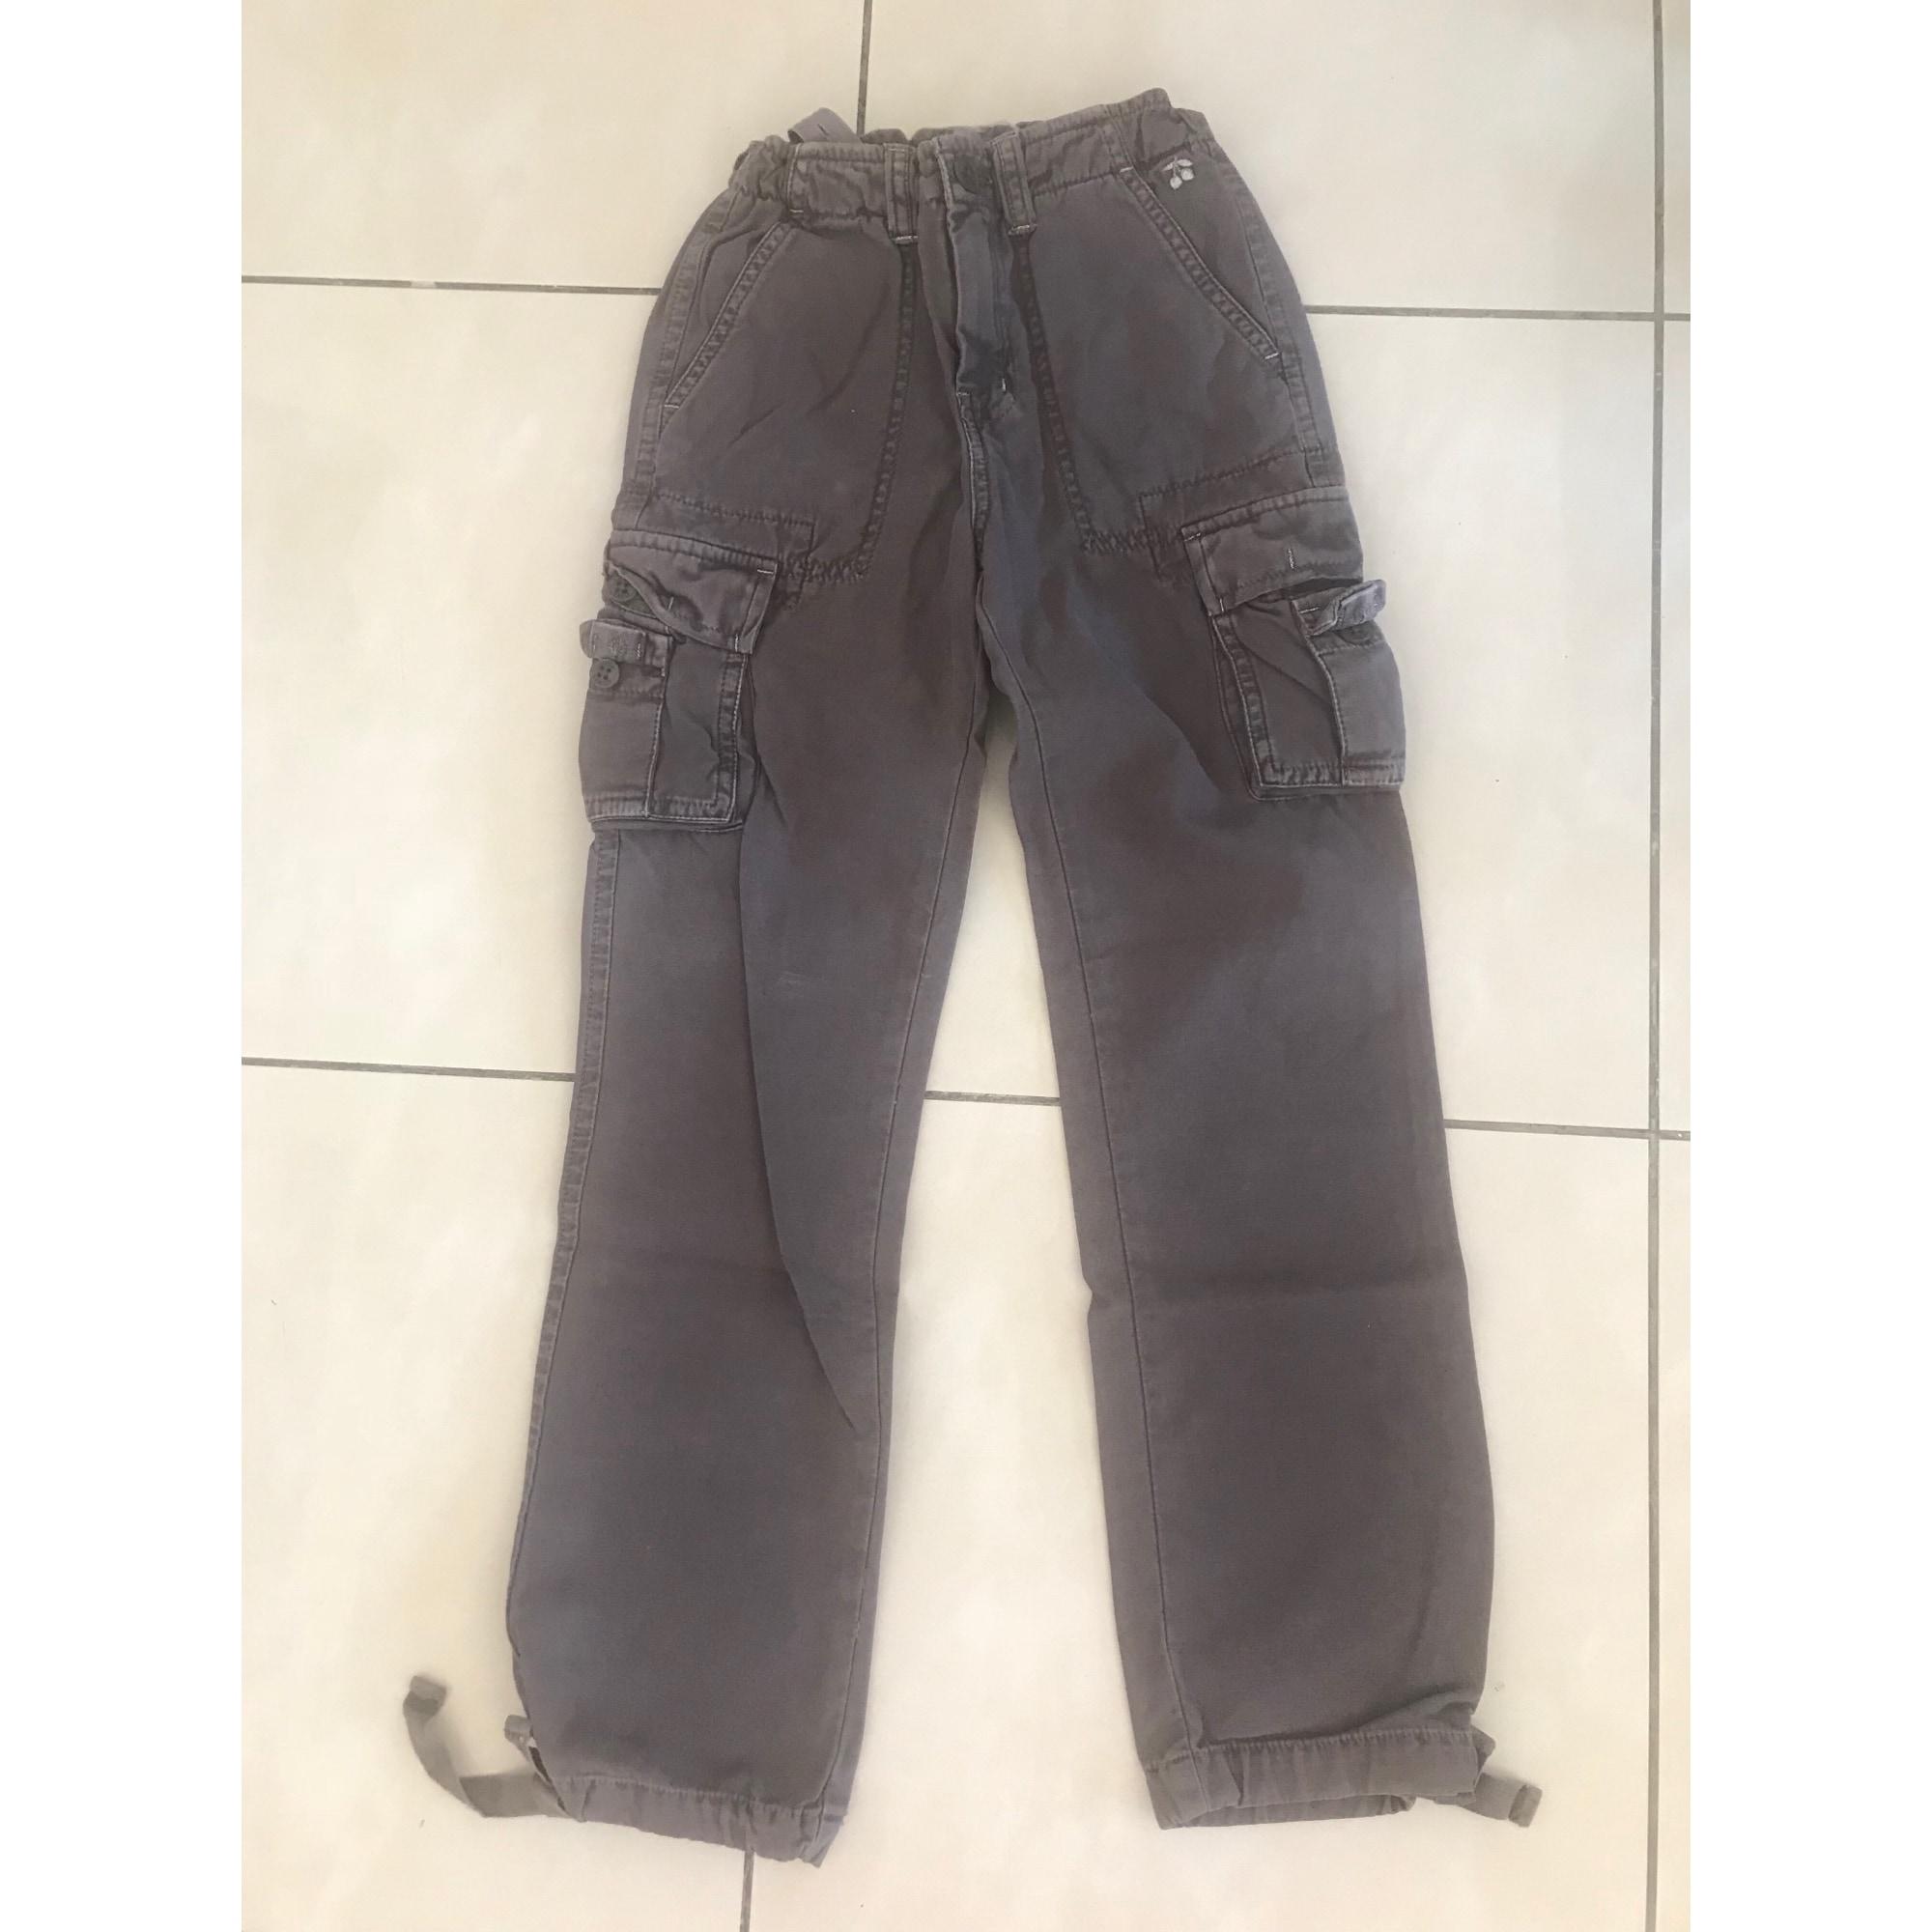 Pantalon LE TEMPS DES CERISES coton marron 7-8 ans